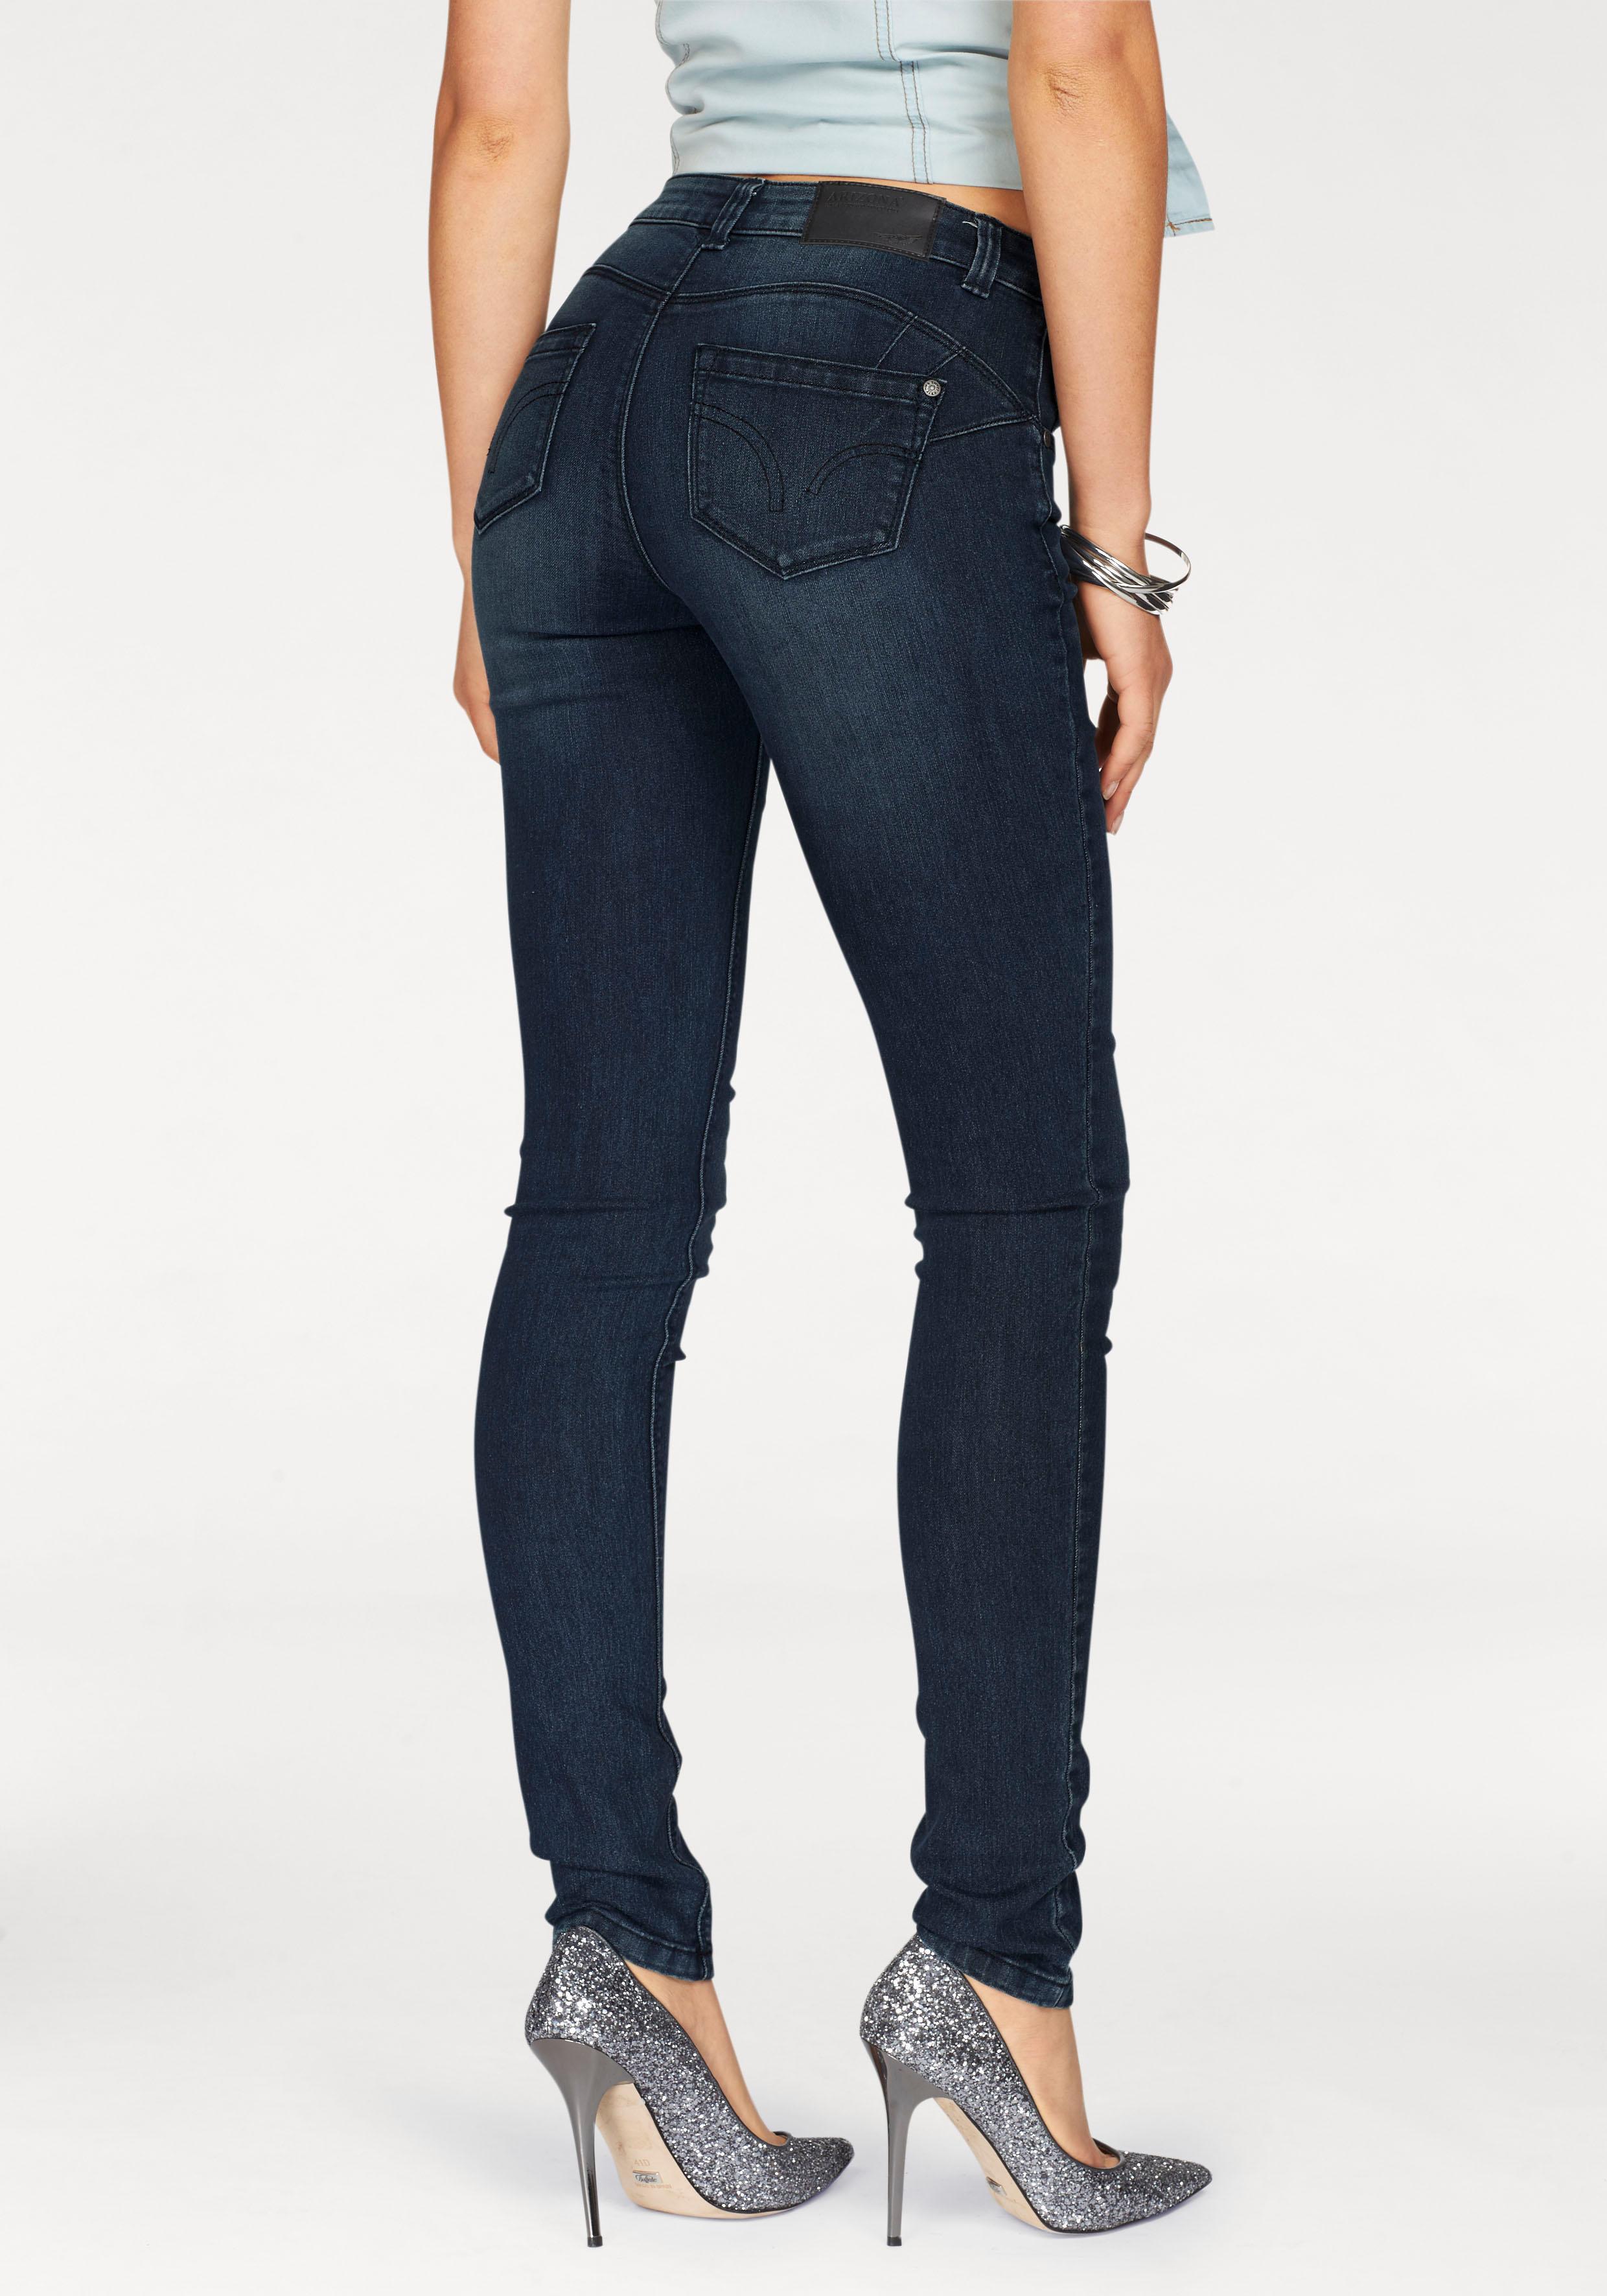 Arizona Skinny-fit-Jeans »Shaping« jetzt online bestellen ...